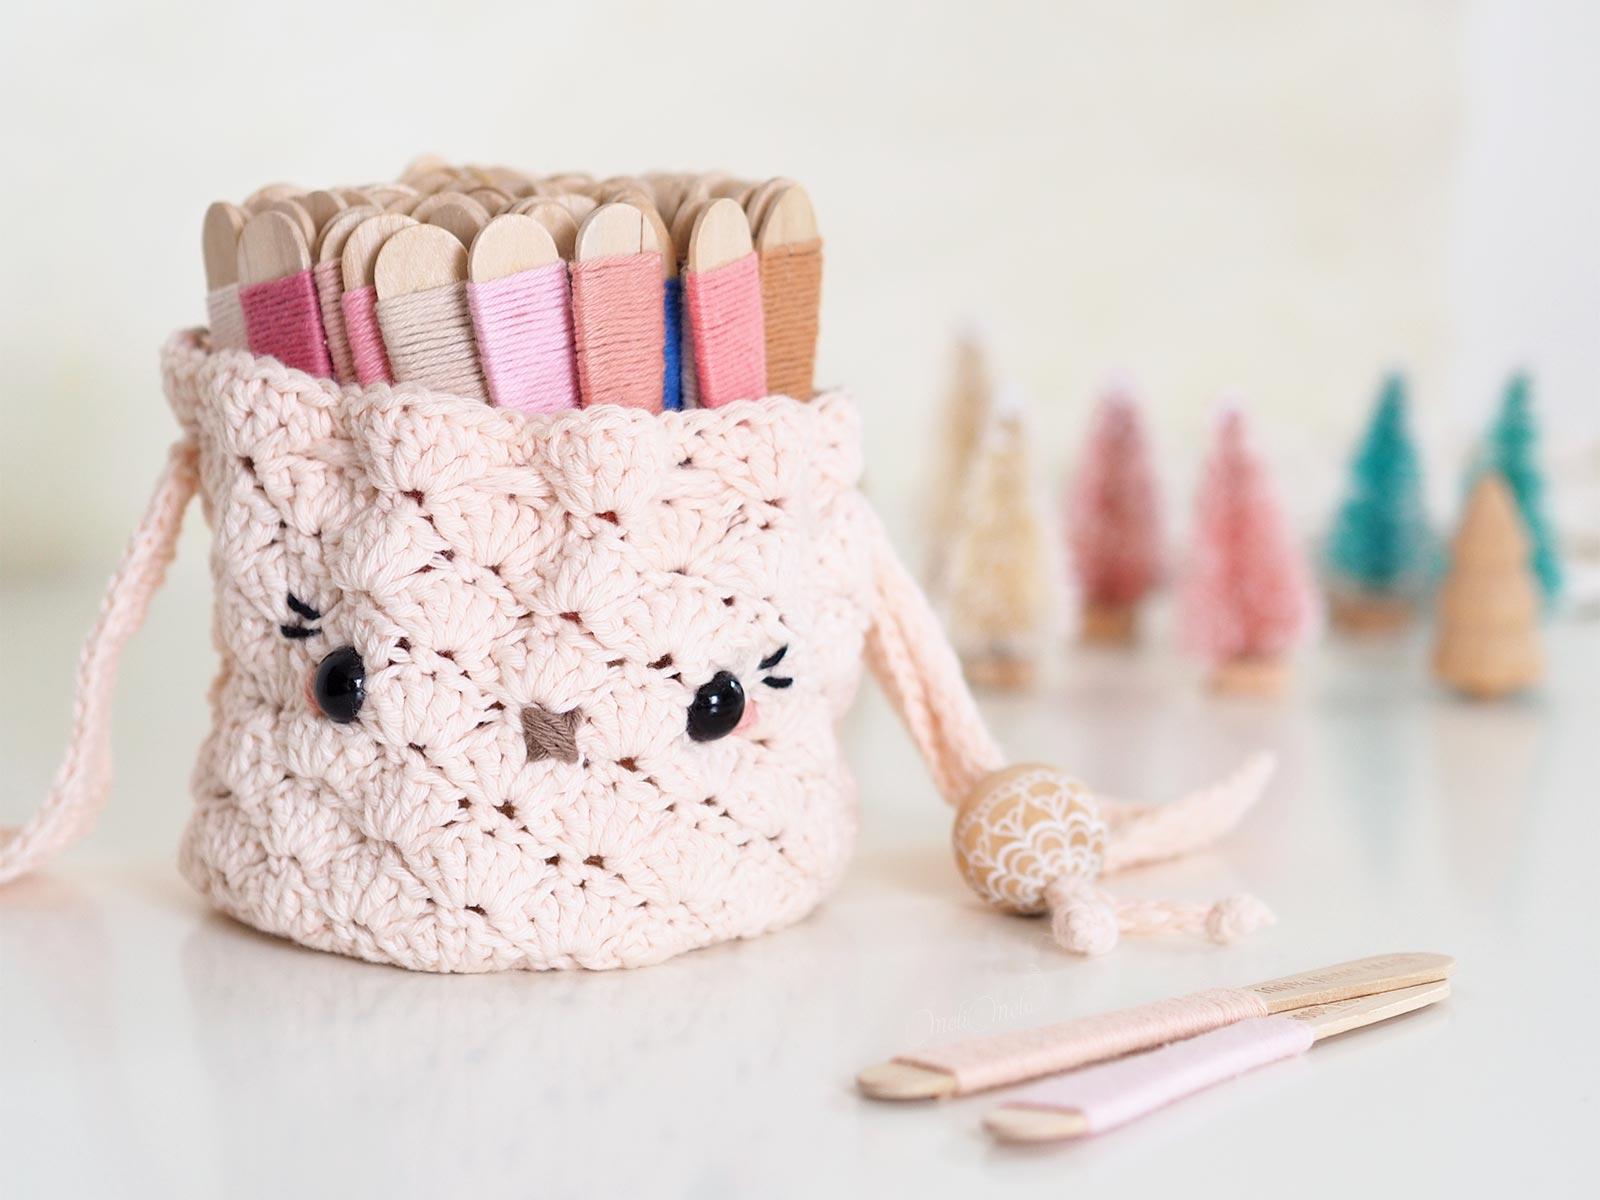 pochon-lapine-crochet-coton-ricorumi-laboutiquedemelimelo